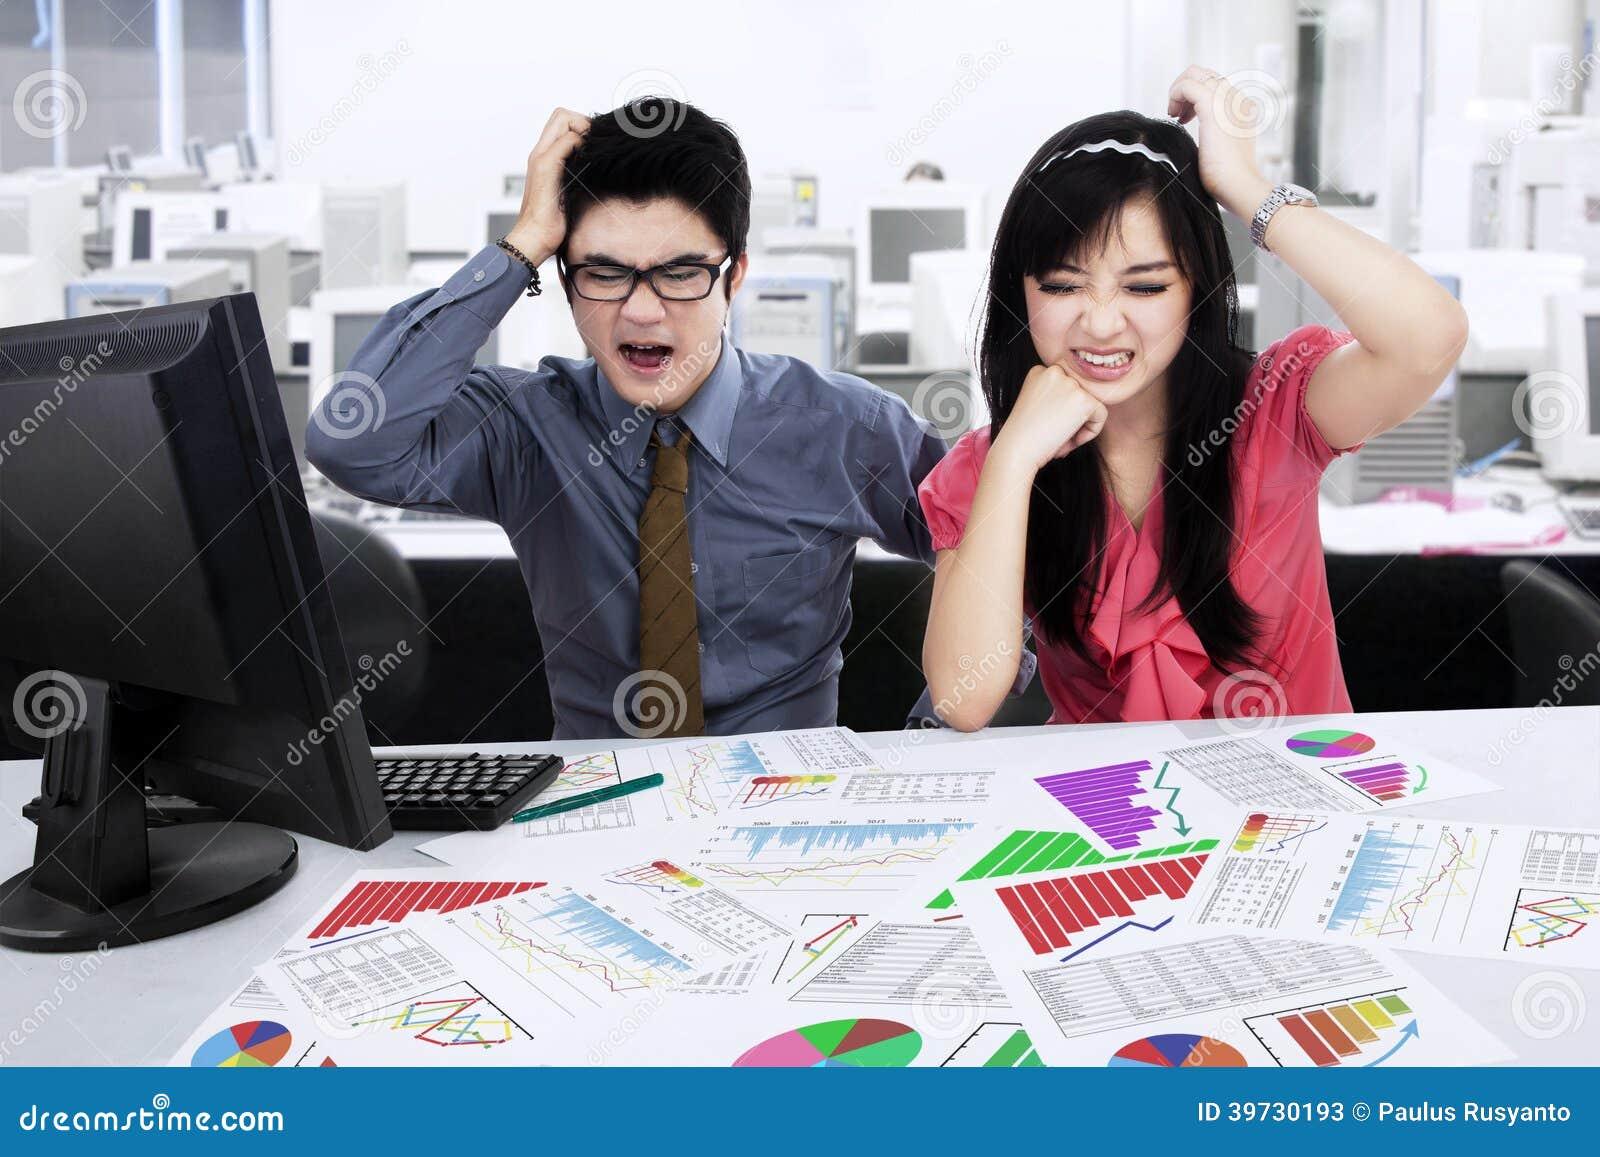 Betontes businessteam, das Geschäftsdiagramm analysiert